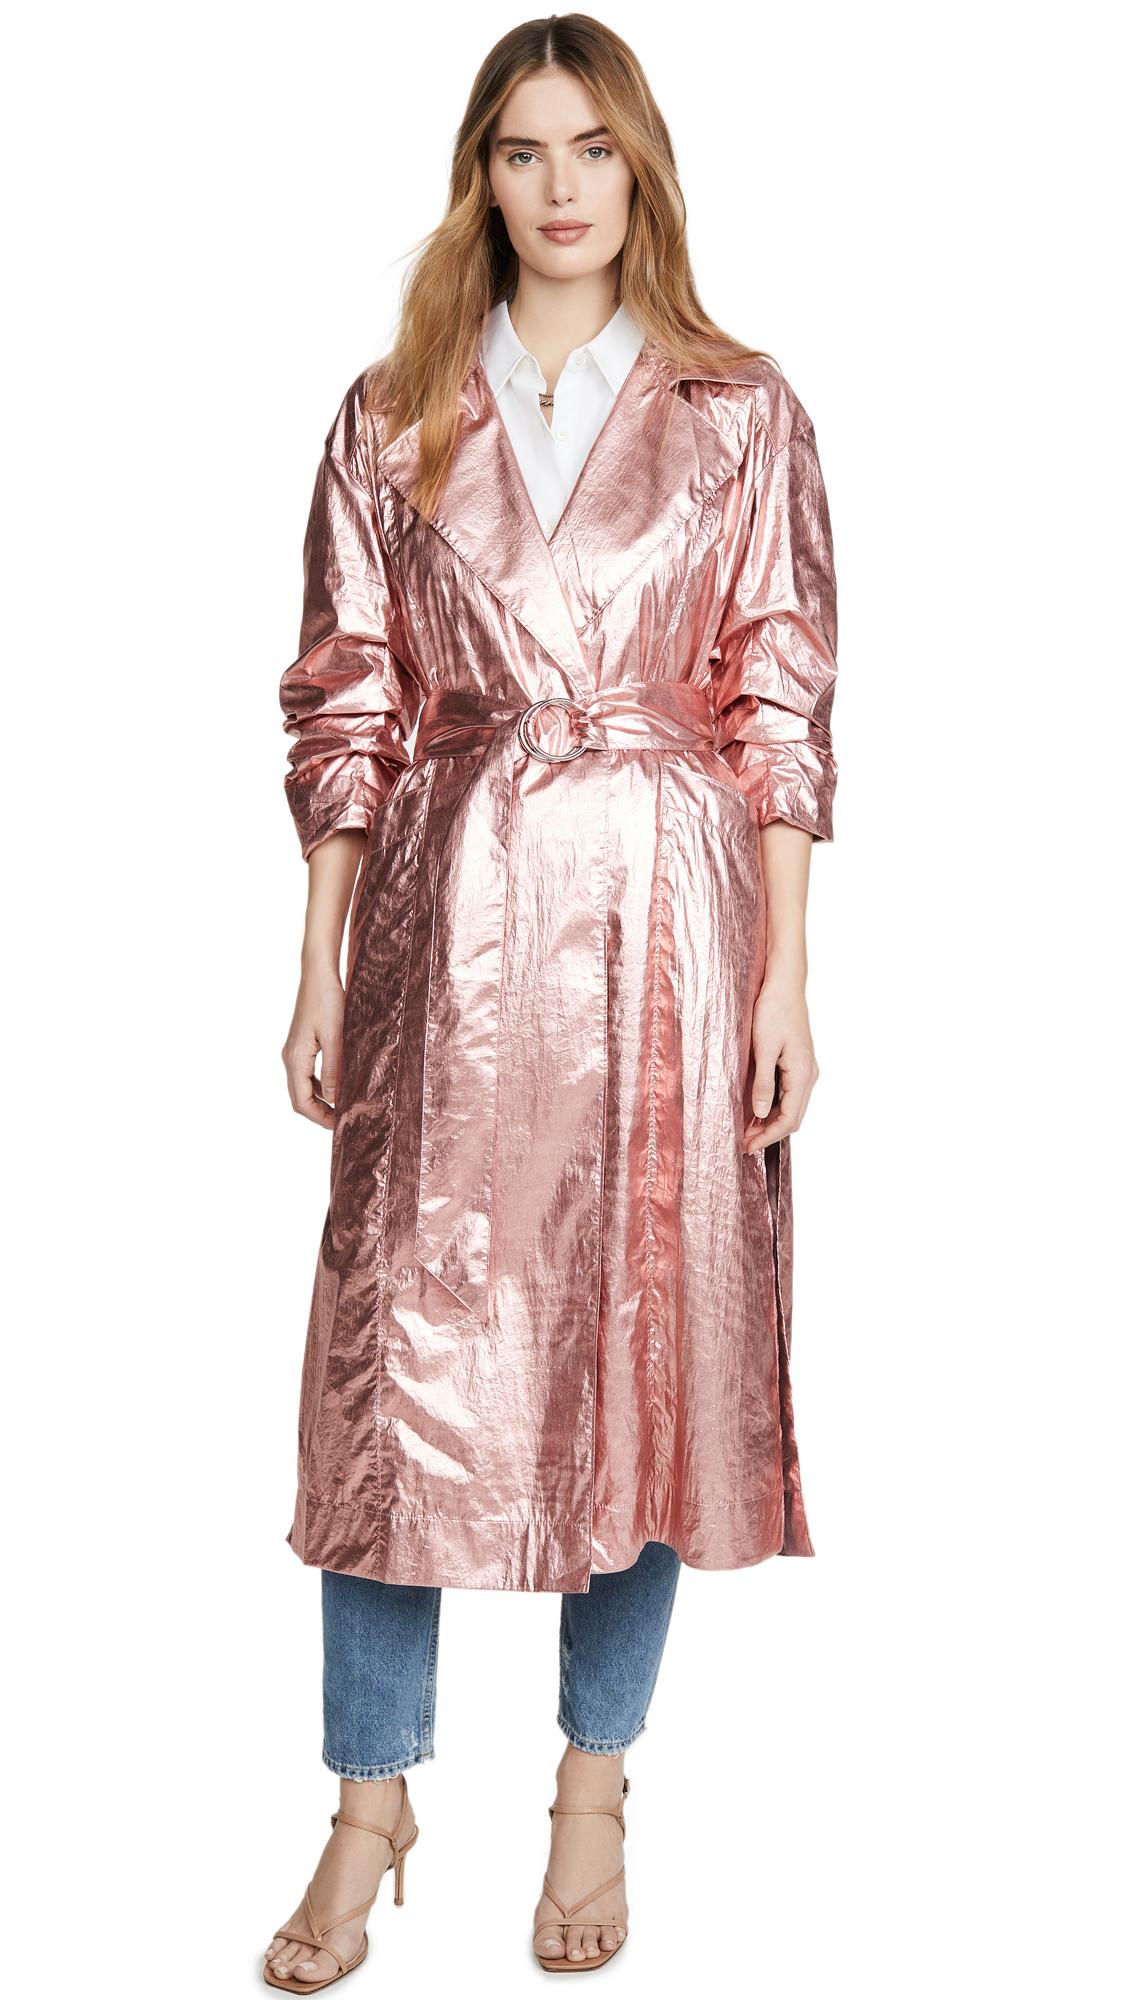 Buy Cinq a Sept Kianna Jacket online beautiful Cinq a Sept Jackets, Coats, Trench Coats